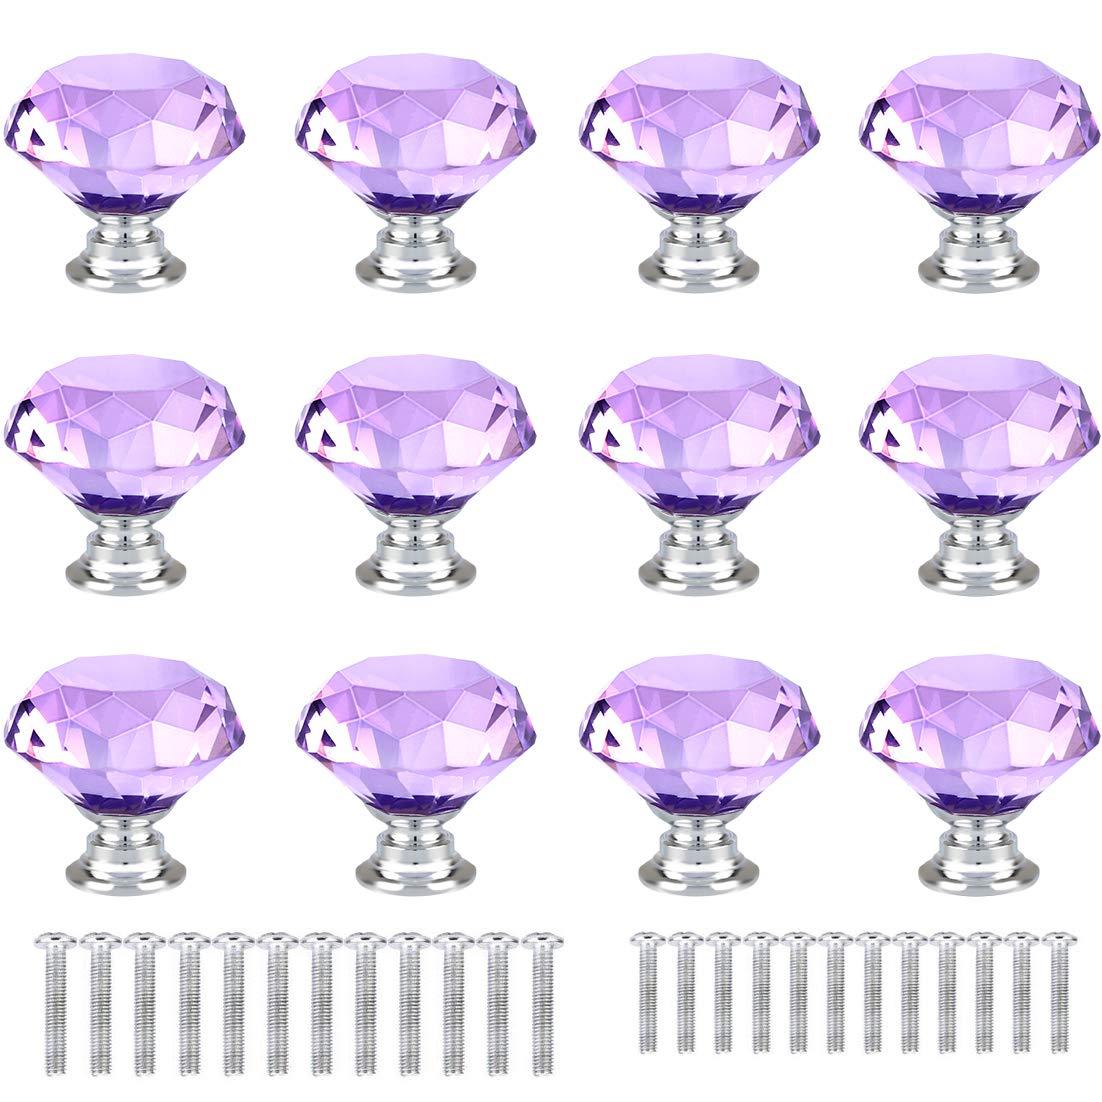 12 Tiradores - Simil Cristal (71KWZ7SJ)